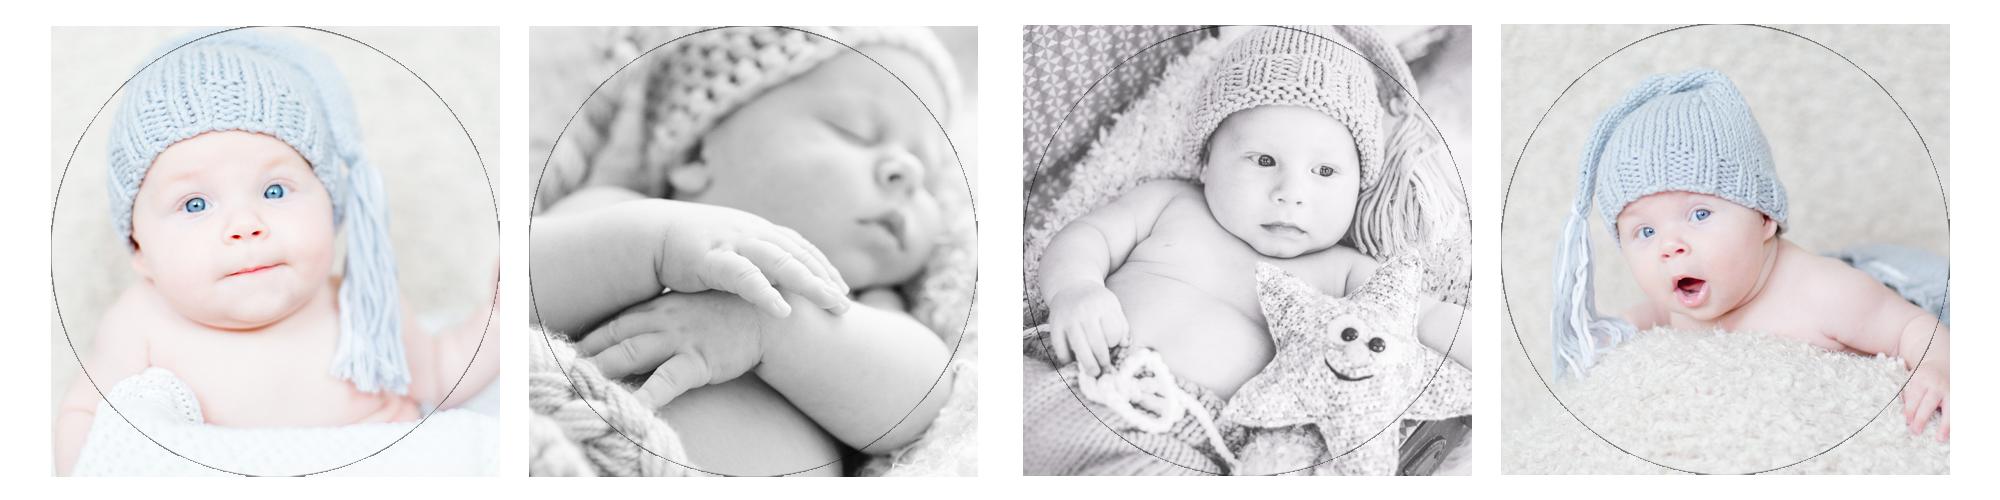 Preise für ein Babyfotoshooting in Rostock